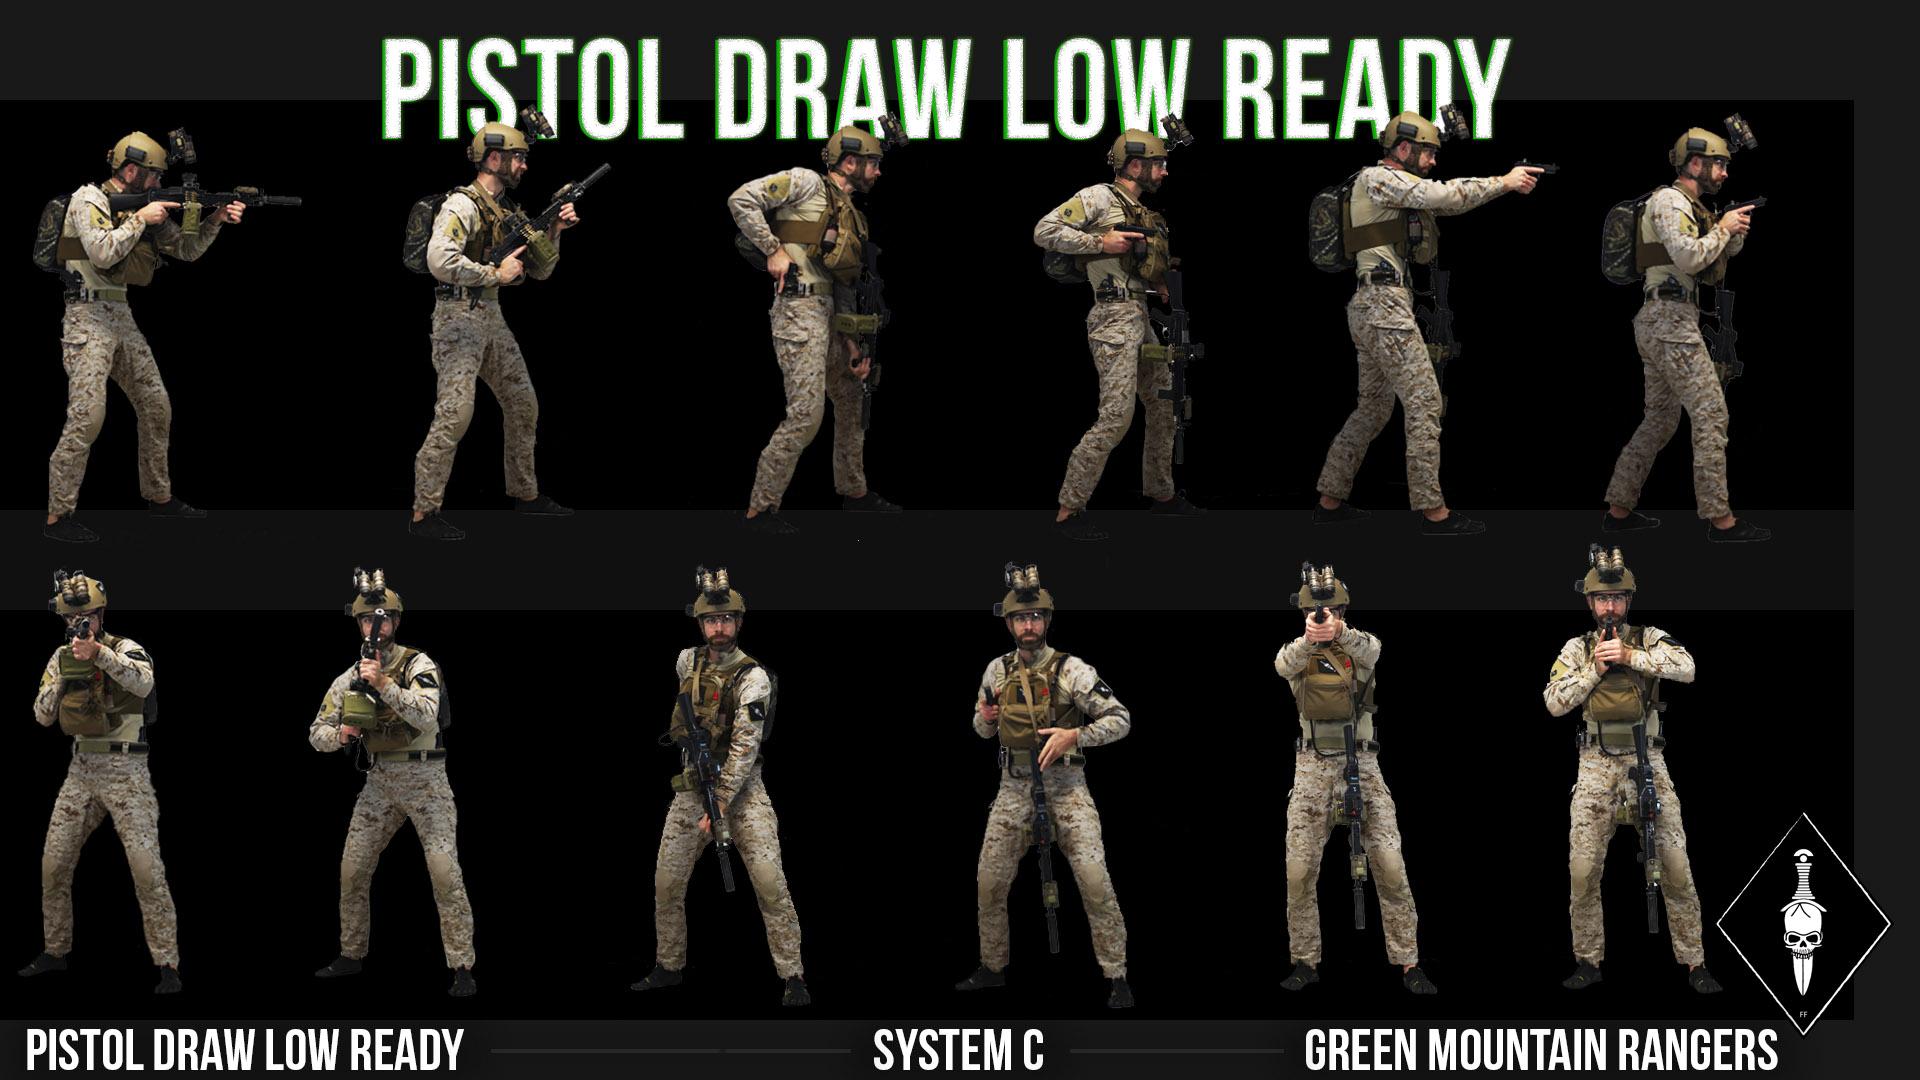 PistolDrawLowReady.jpg